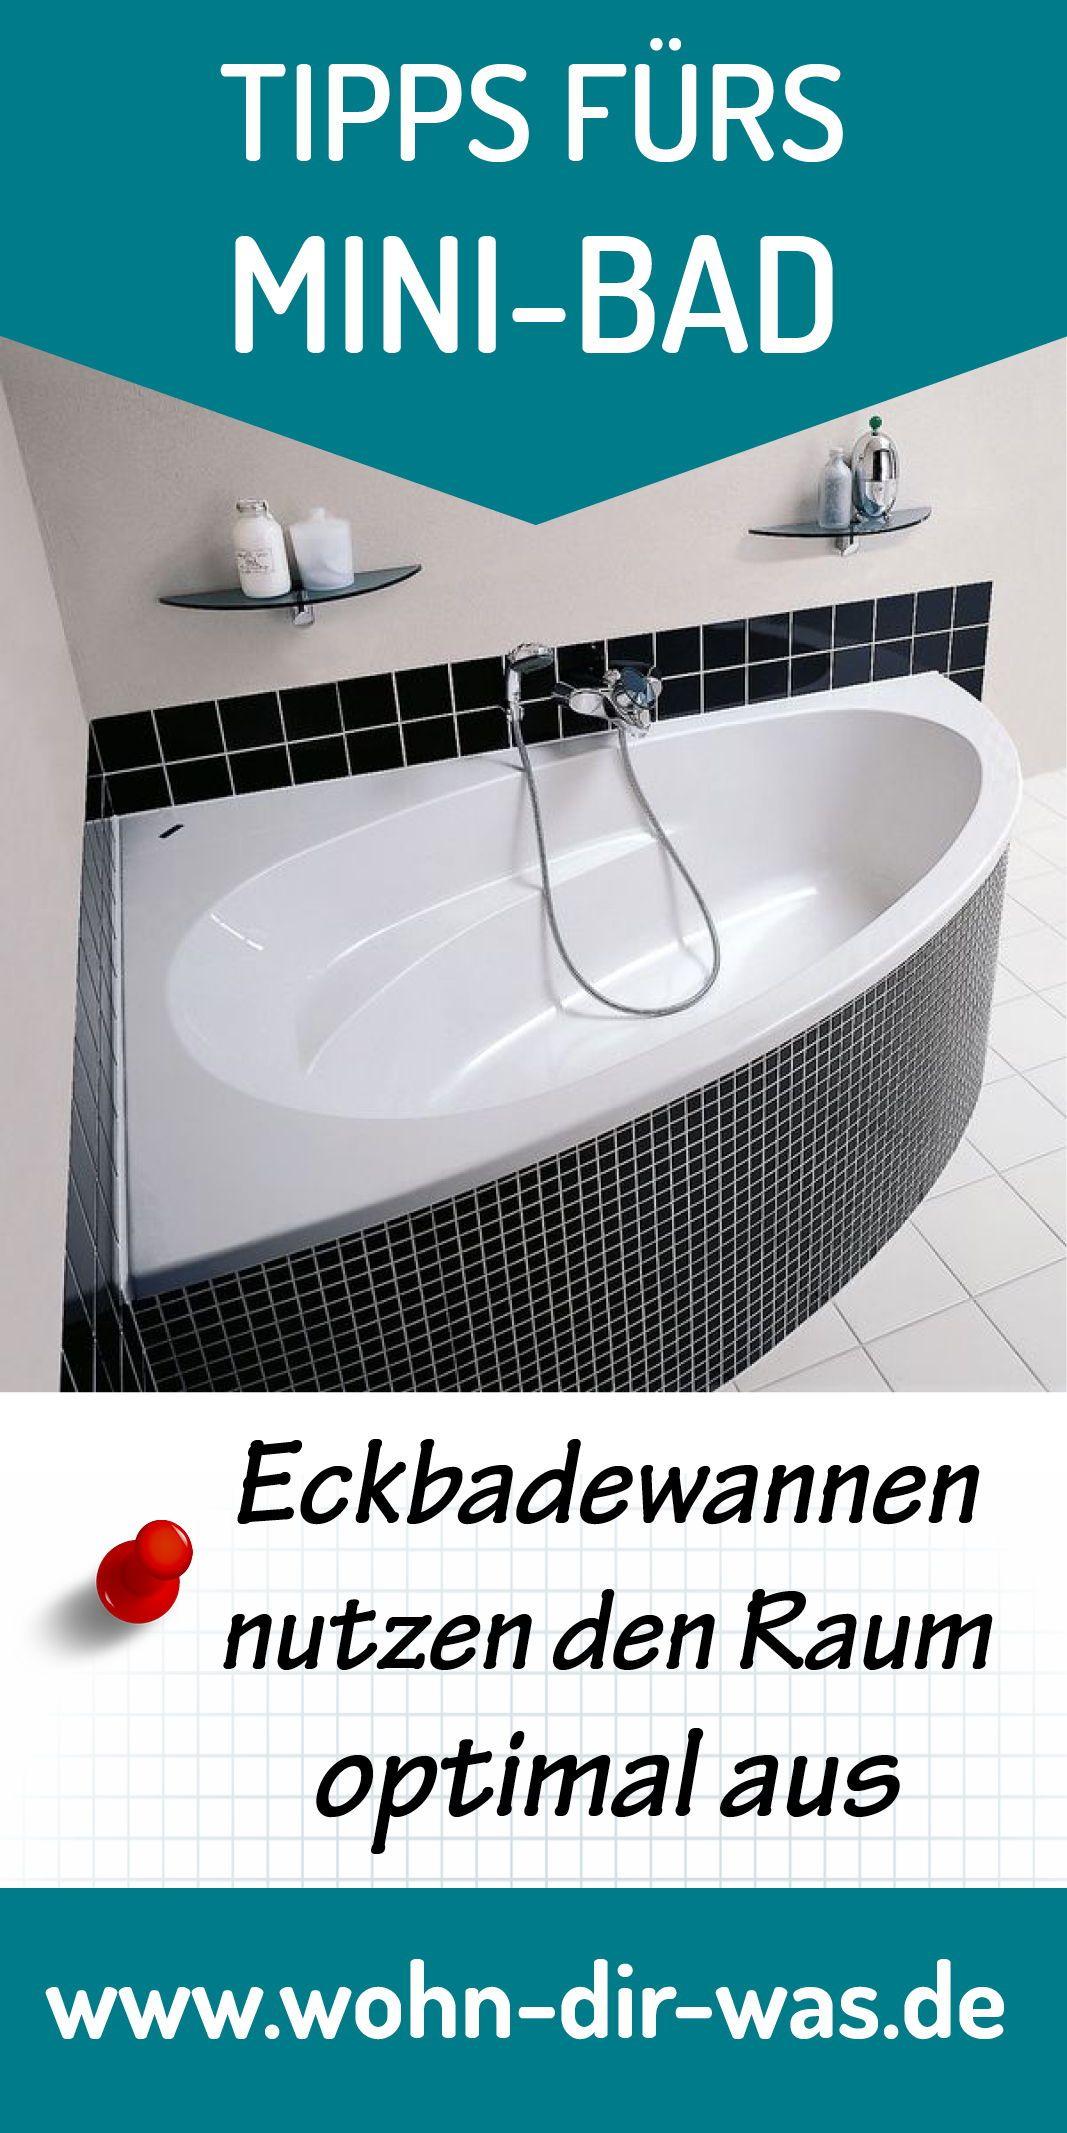 Bei Kleinen Badern Sind Eckbadewannen Oft Sehr Praktisch Weil Sie Den Raum Optimal Ausnutzen Mehr Tipps Fur Dein Neues Bad Un Mini Bad Neues Bad Eckbadewanne